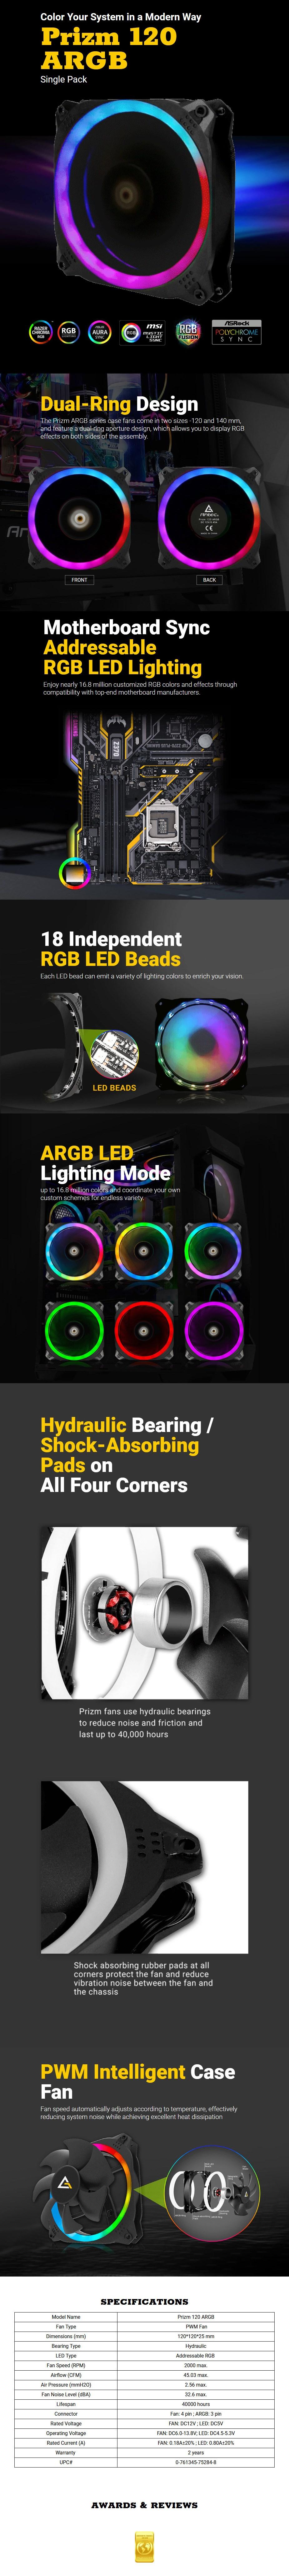 Antec Prizm 120 ARGB PWM Case Fan - Overview 1